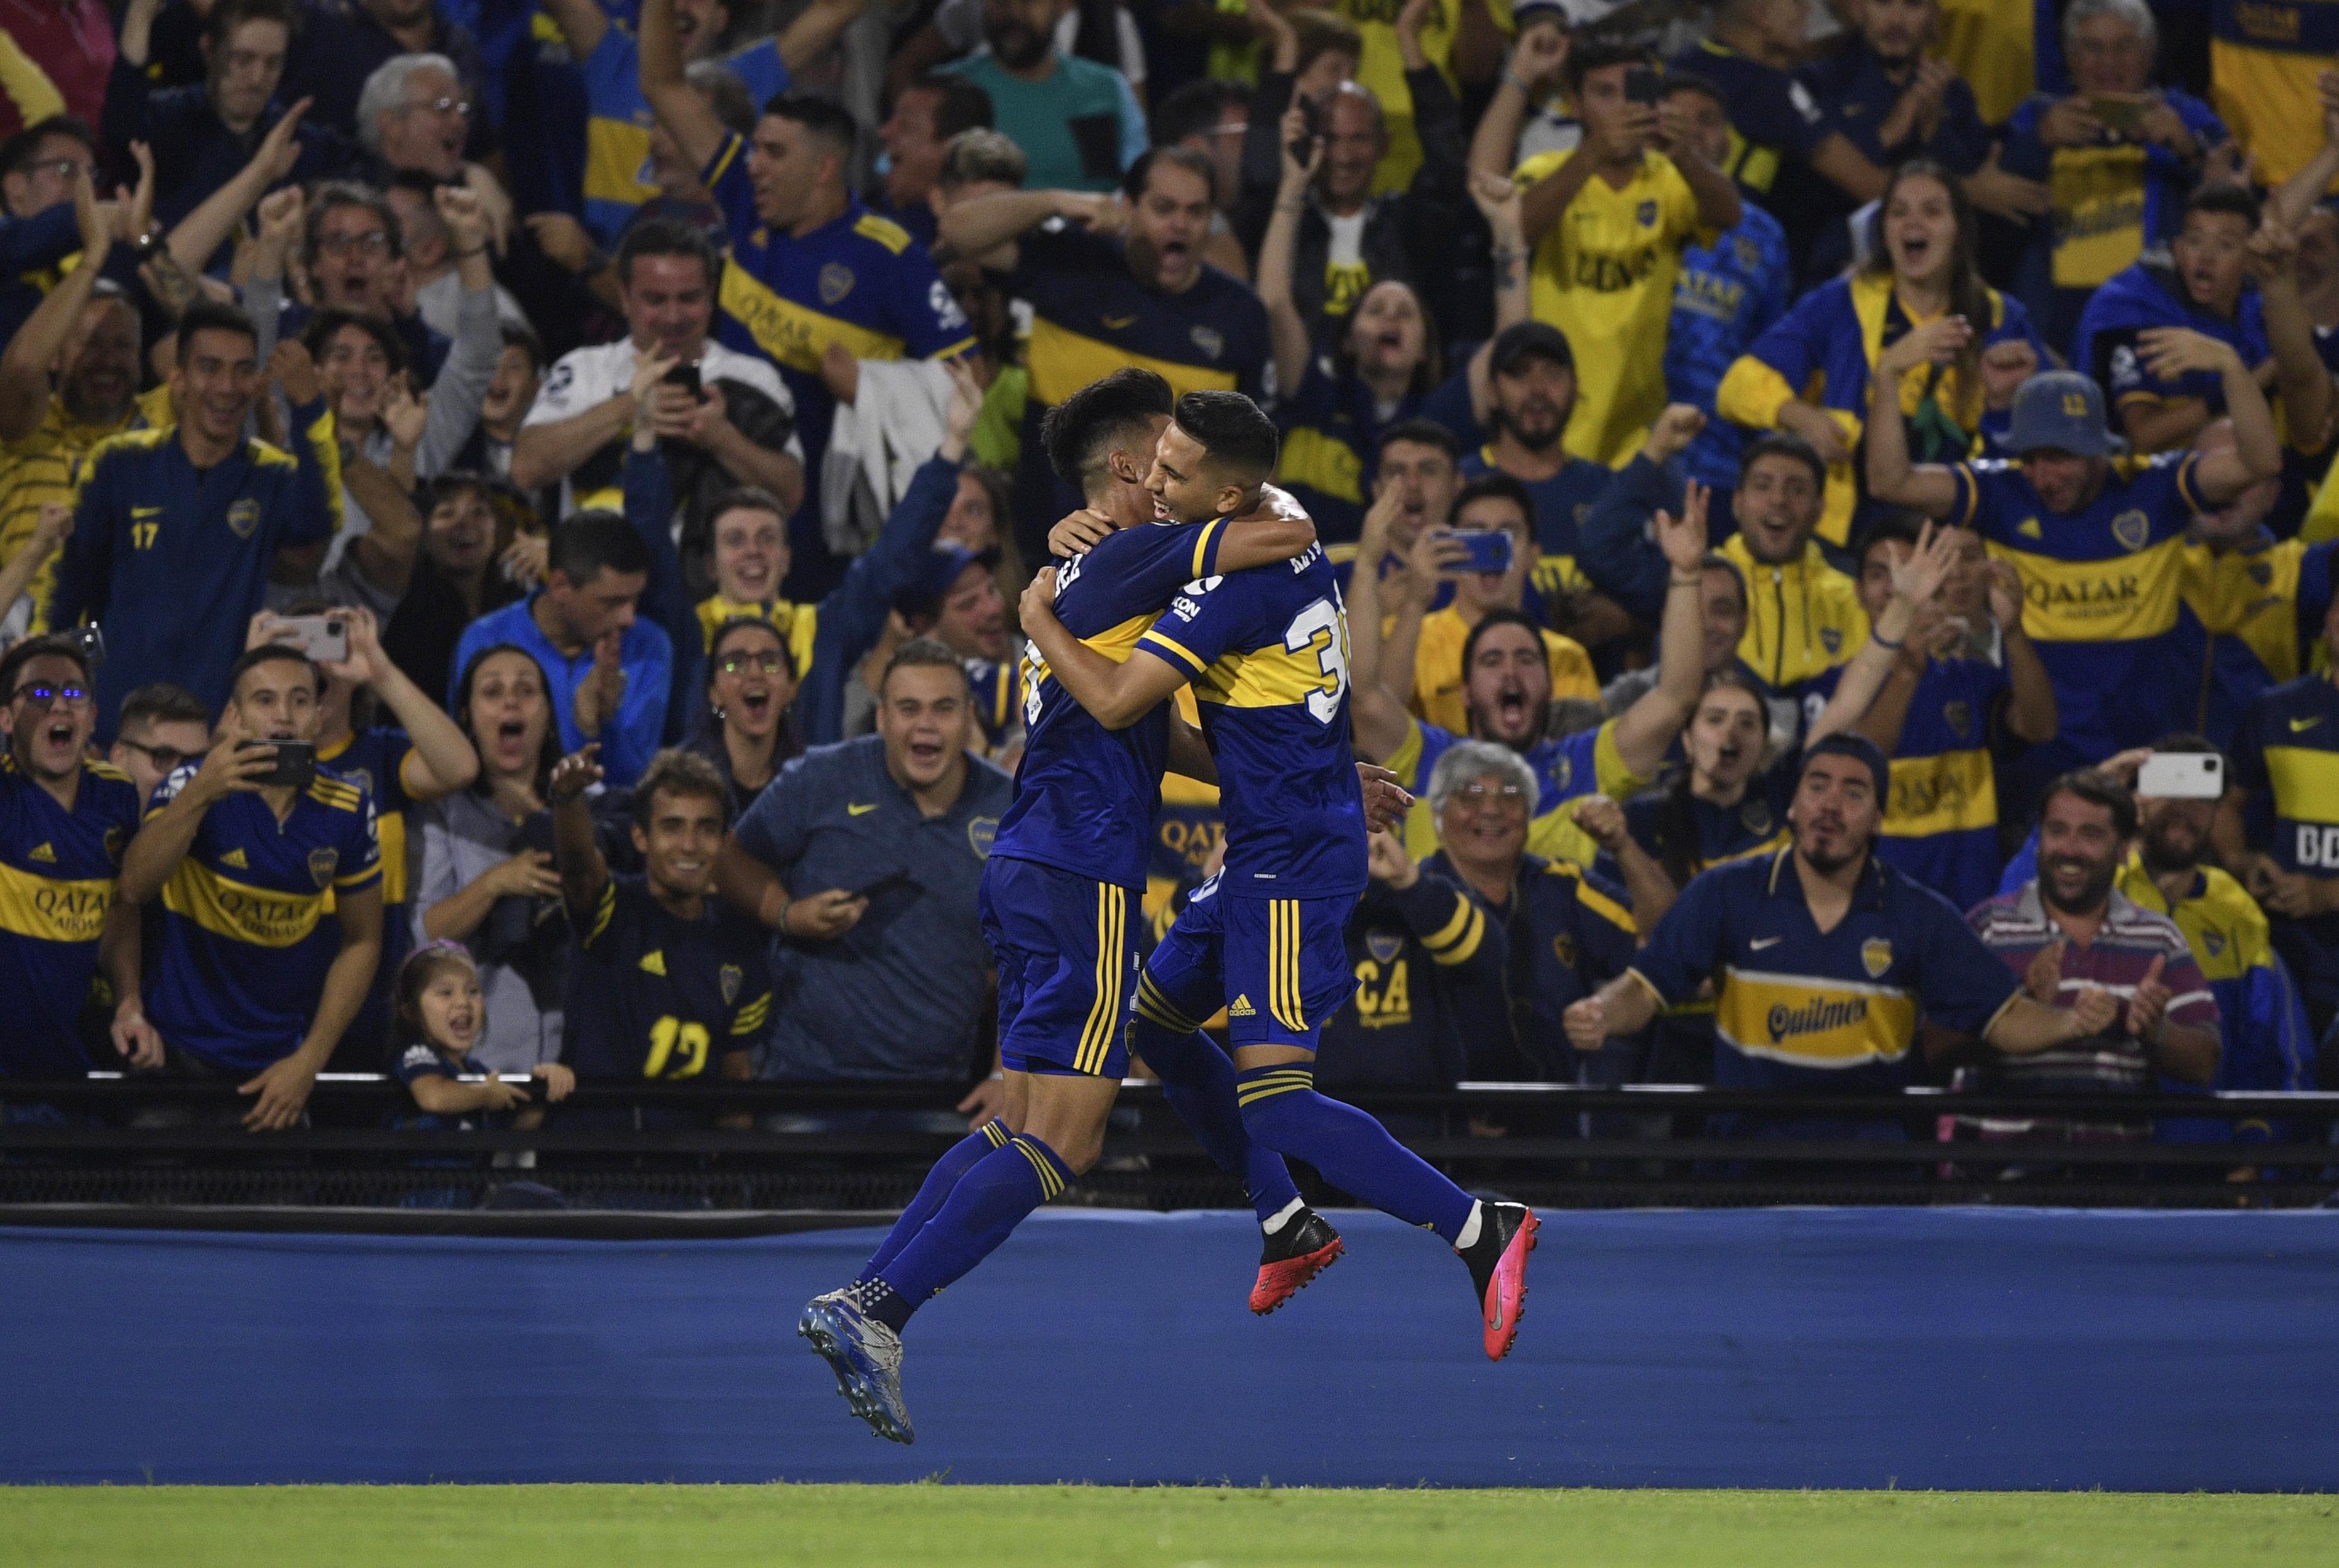 Boca Juniors - DIM